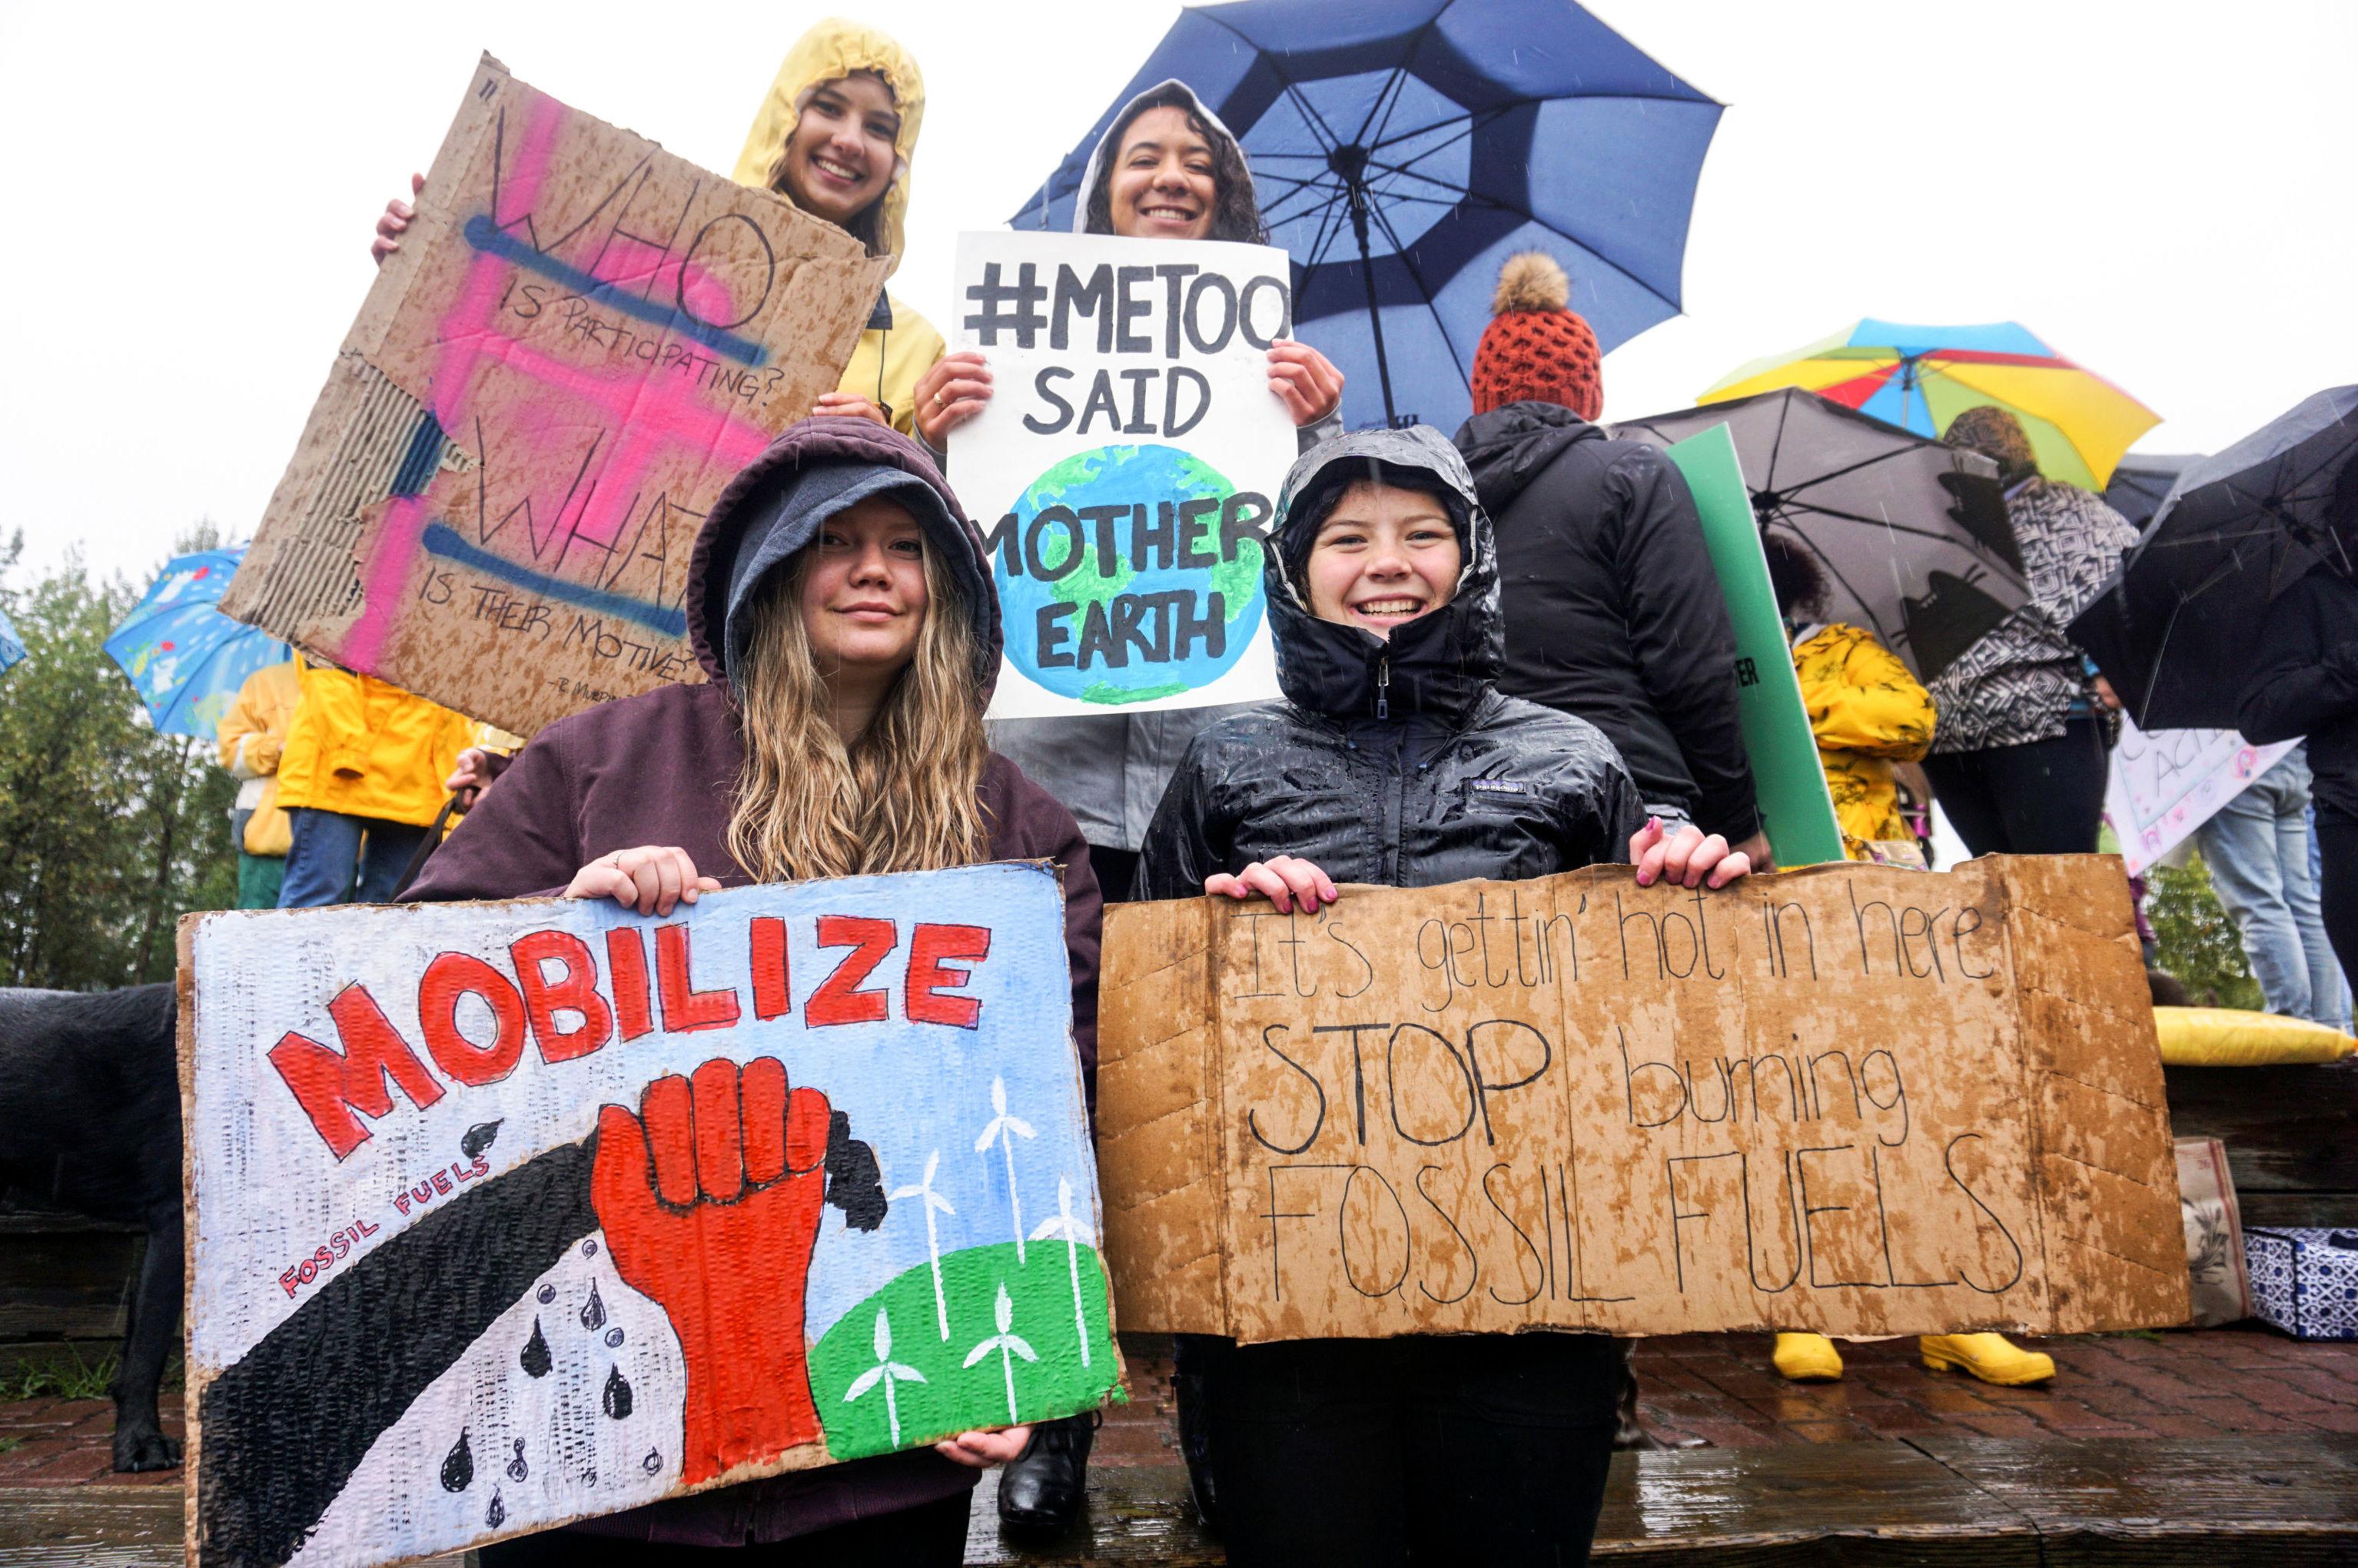 Participantes de una protesta contra el cambio climático en EEUU